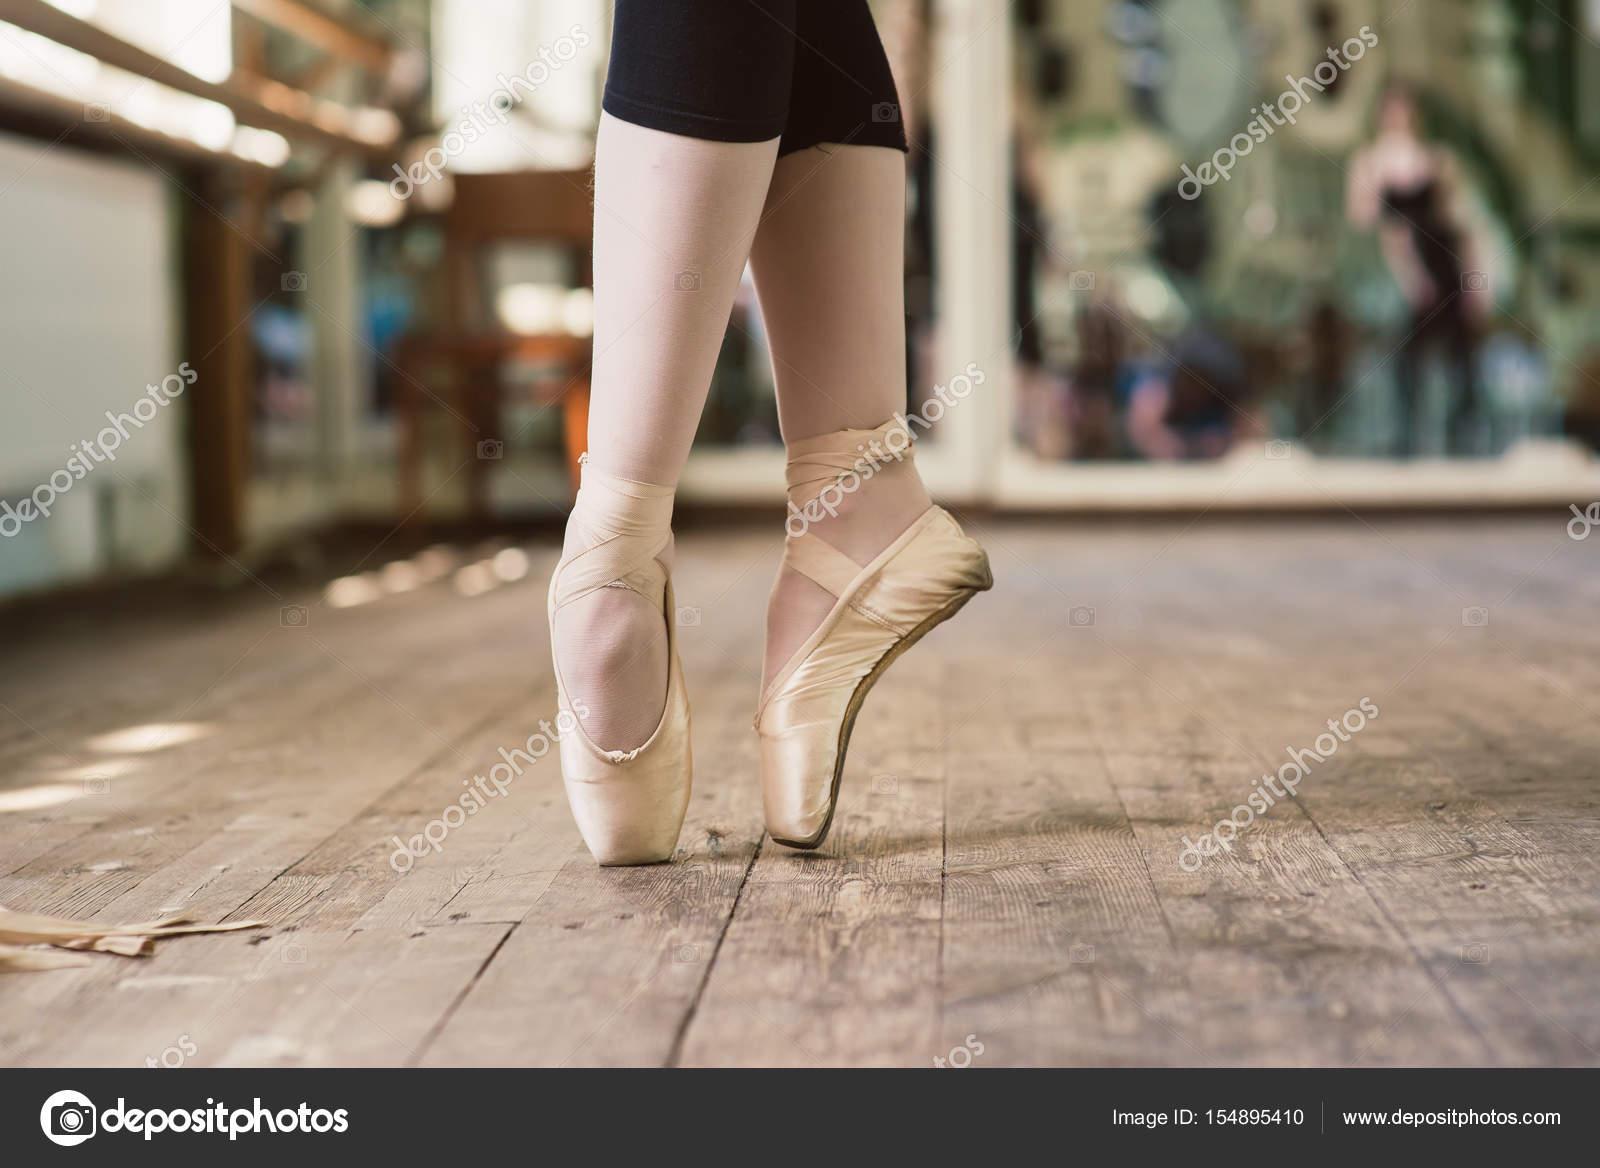 Balerina cipő balett tánc lábát. Balerina állandó lábujjak — Fotó szerzőtől  160275 a4247d1bd6